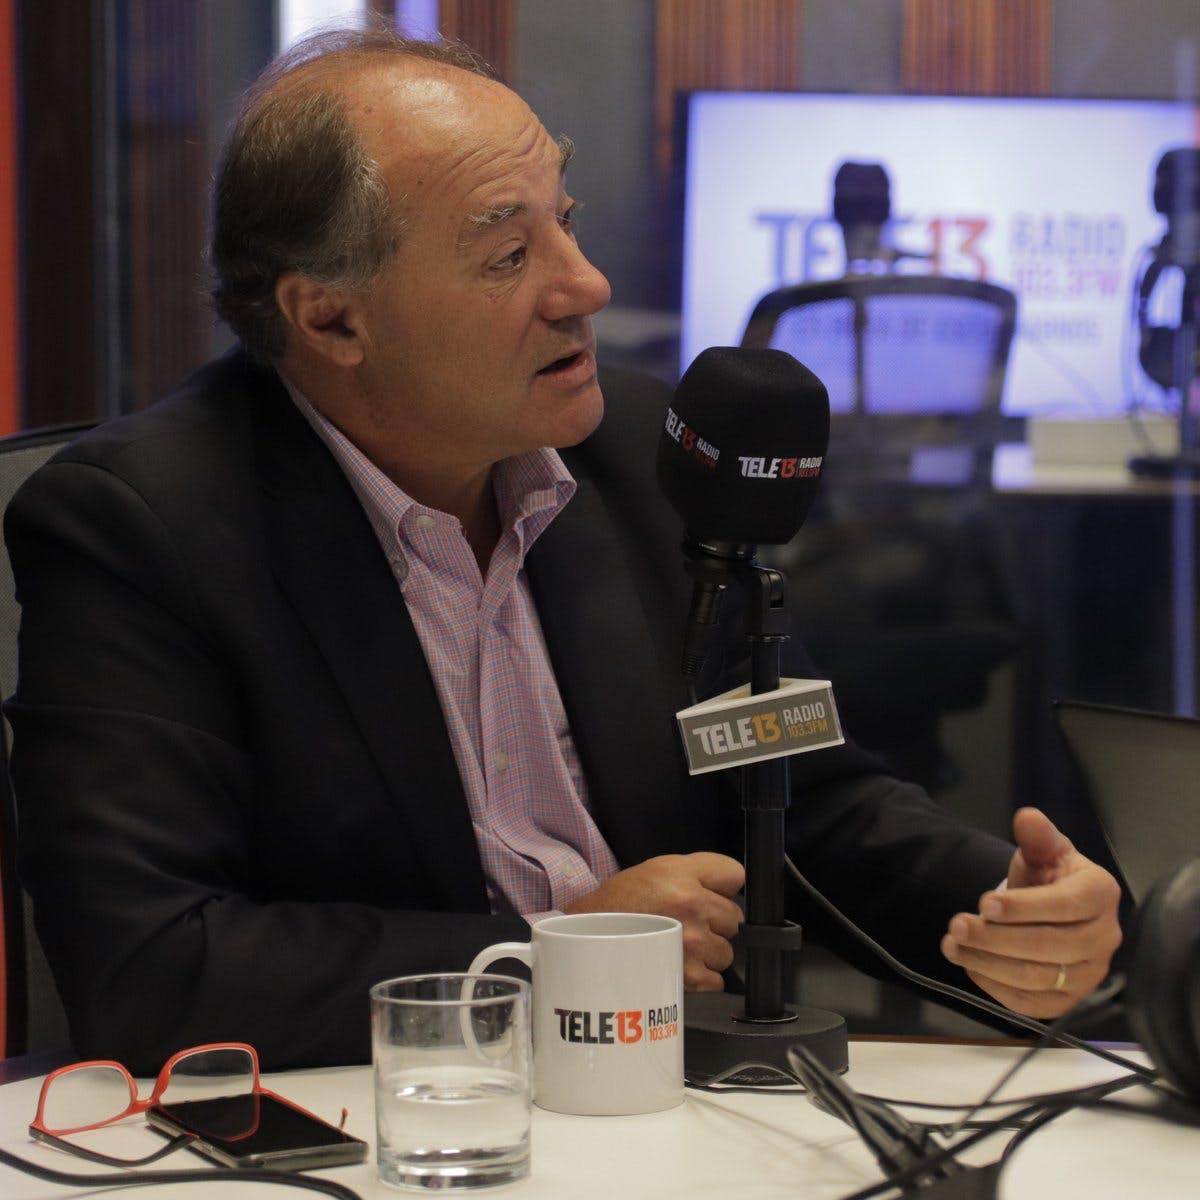 """Juan Sutil: Lo relevante es que todas las empresas busquemos la manera de flexibilizar los horarios y turnos, y permitir el ingreso en bloque"""" - Podcast - Mesa Central - Entrevista - Emisor Podcasting"""